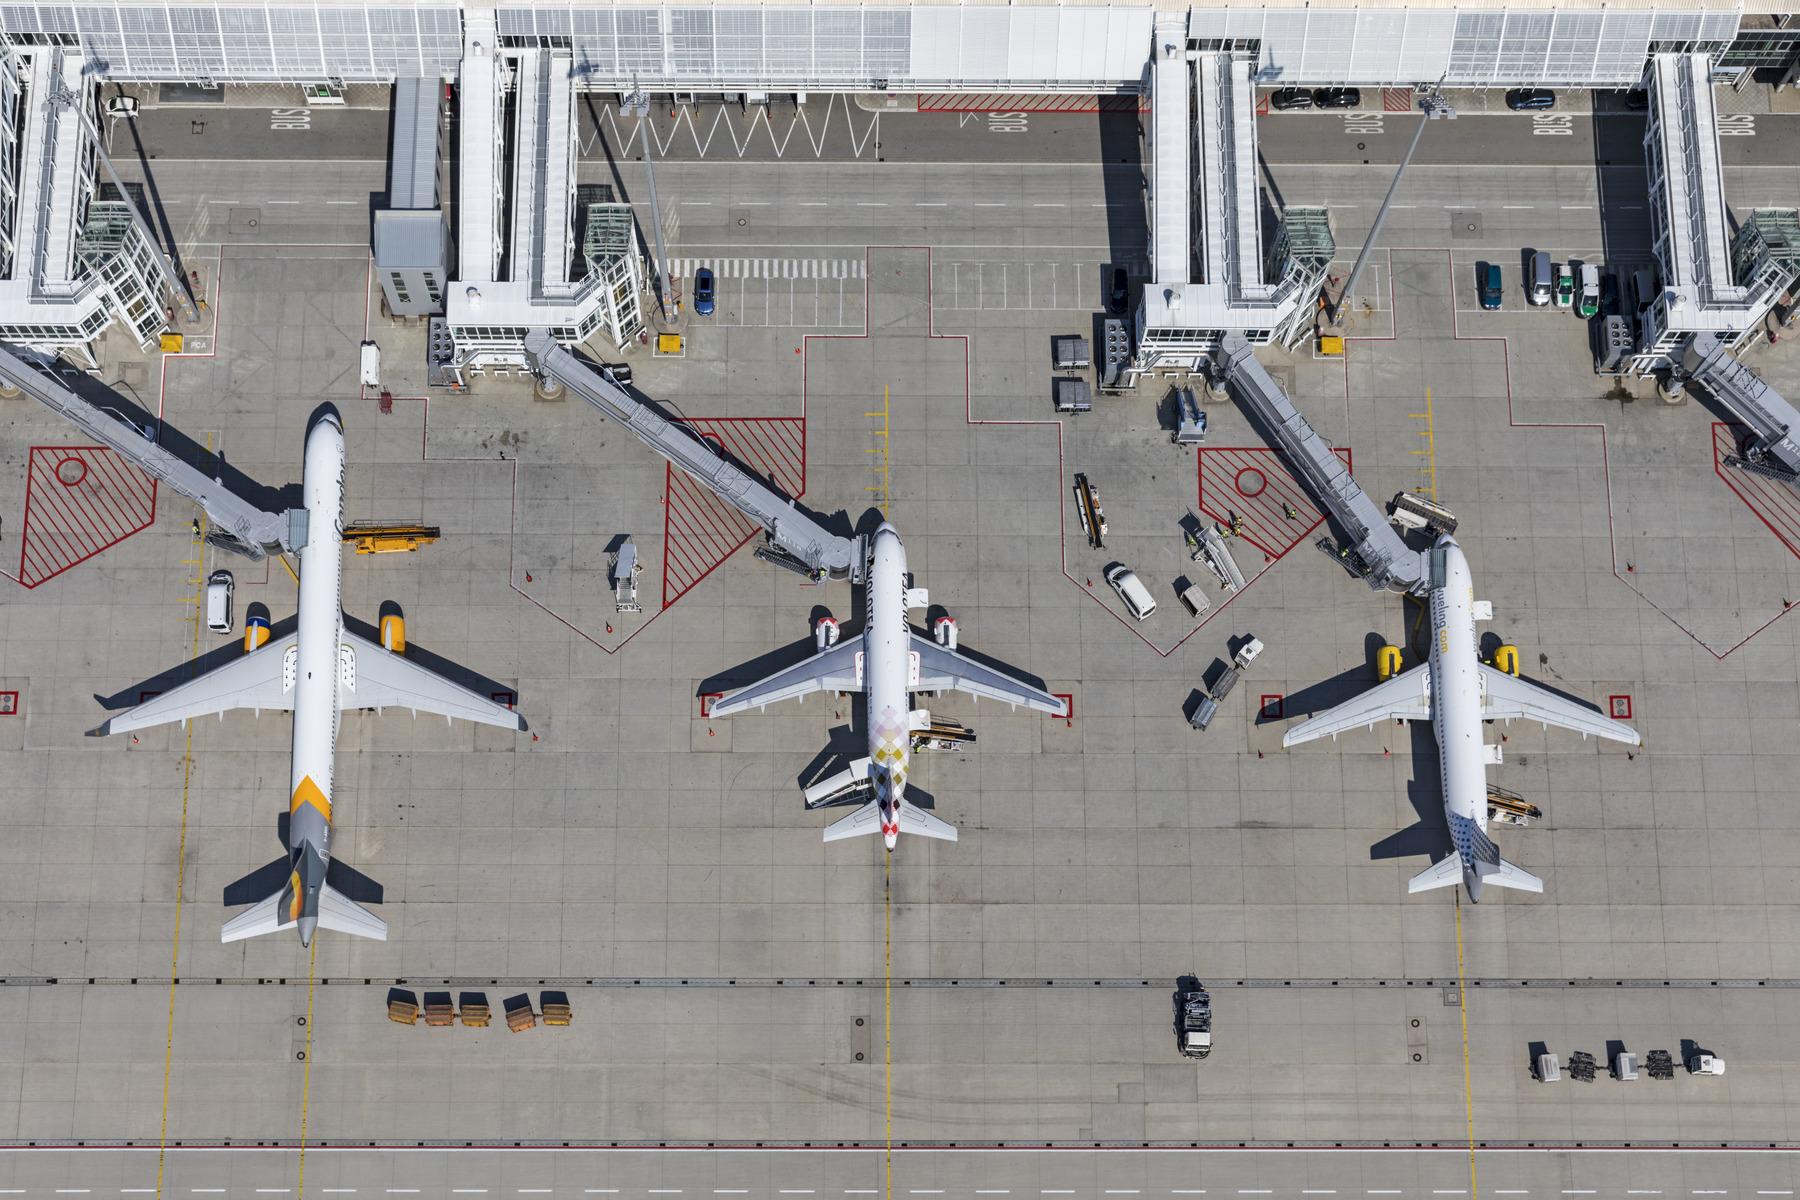 Lufthavnen i München havde sidste år 46,3 millioner passagerer, en stigning på knap fire procent sammenlignet med 2017. Foto: München Lufthavn.